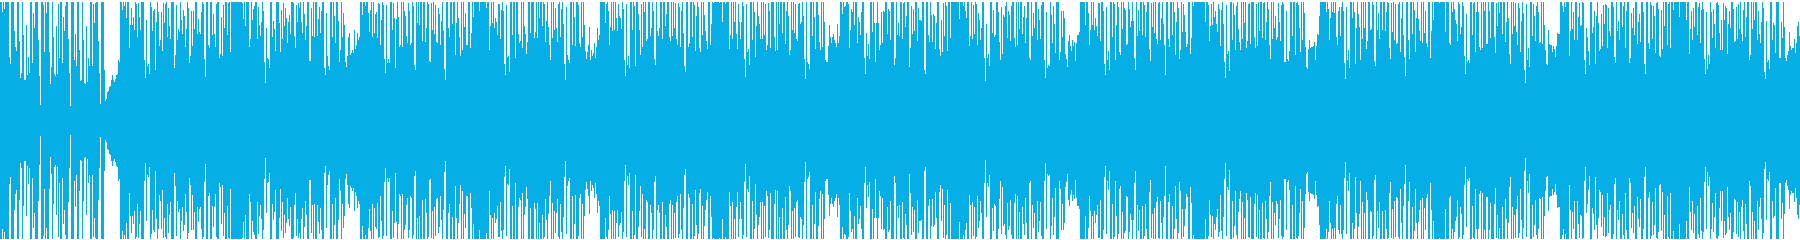 12秒でサビ、ダークエレクトロ/ループの再生済みの波形